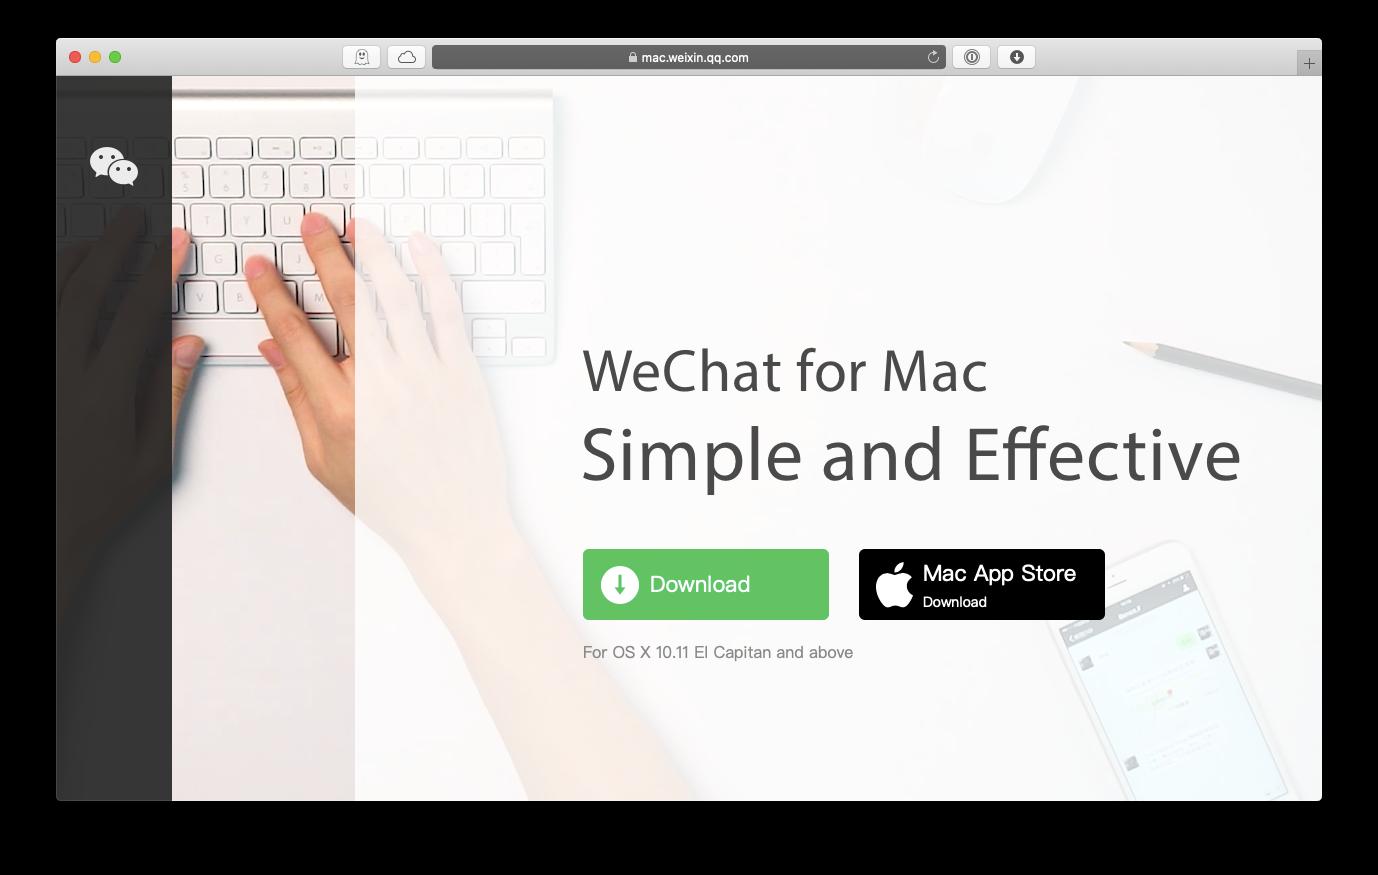 WeChat Mac app download